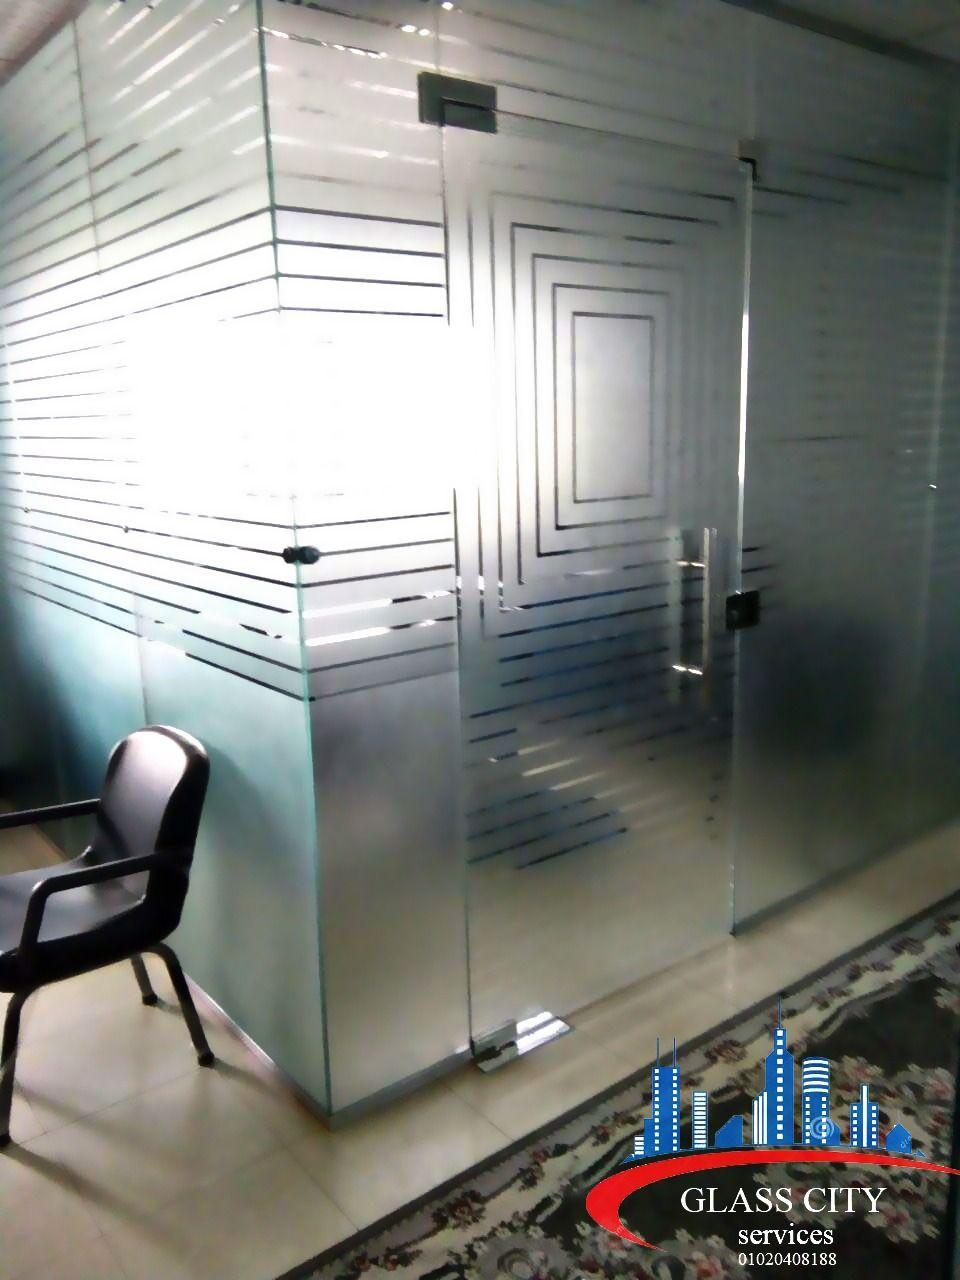 قواطع زجاج سيكوريت Securit Glass Partitions Home Decor Room Divider Home